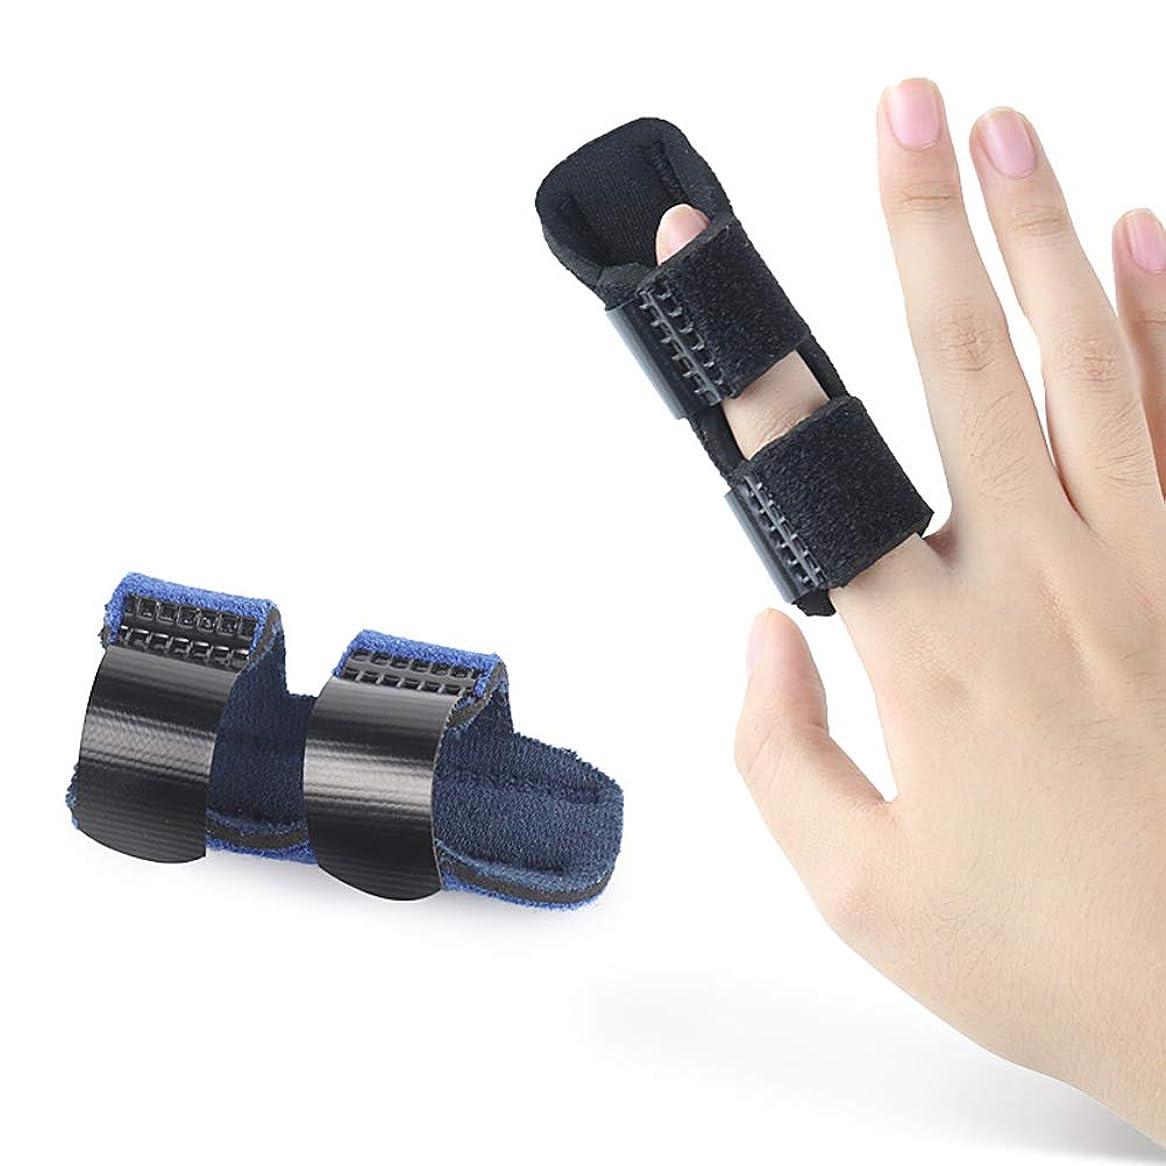 共産主義バリーのみSUPVOX 首サポートブレース 腱鞘炎 バネ指 関節靭帯保護 損傷回復に 手首の親指の痛みを和らげる 1対指スプリントサポート(黒)